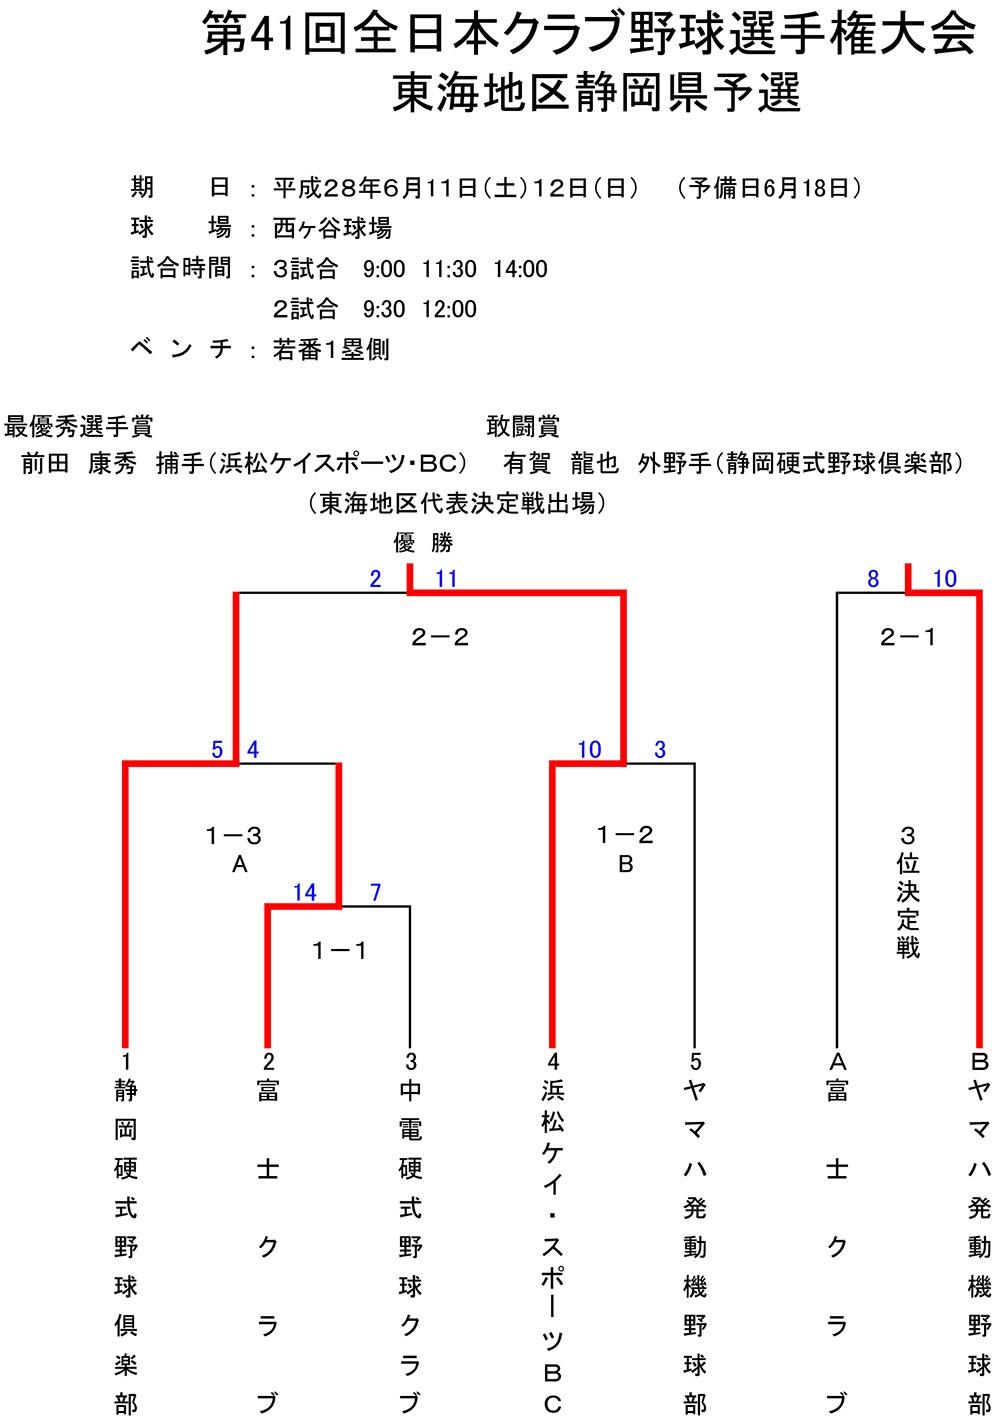 第41回全日本クラブ野球選手権東海地区静岡予選